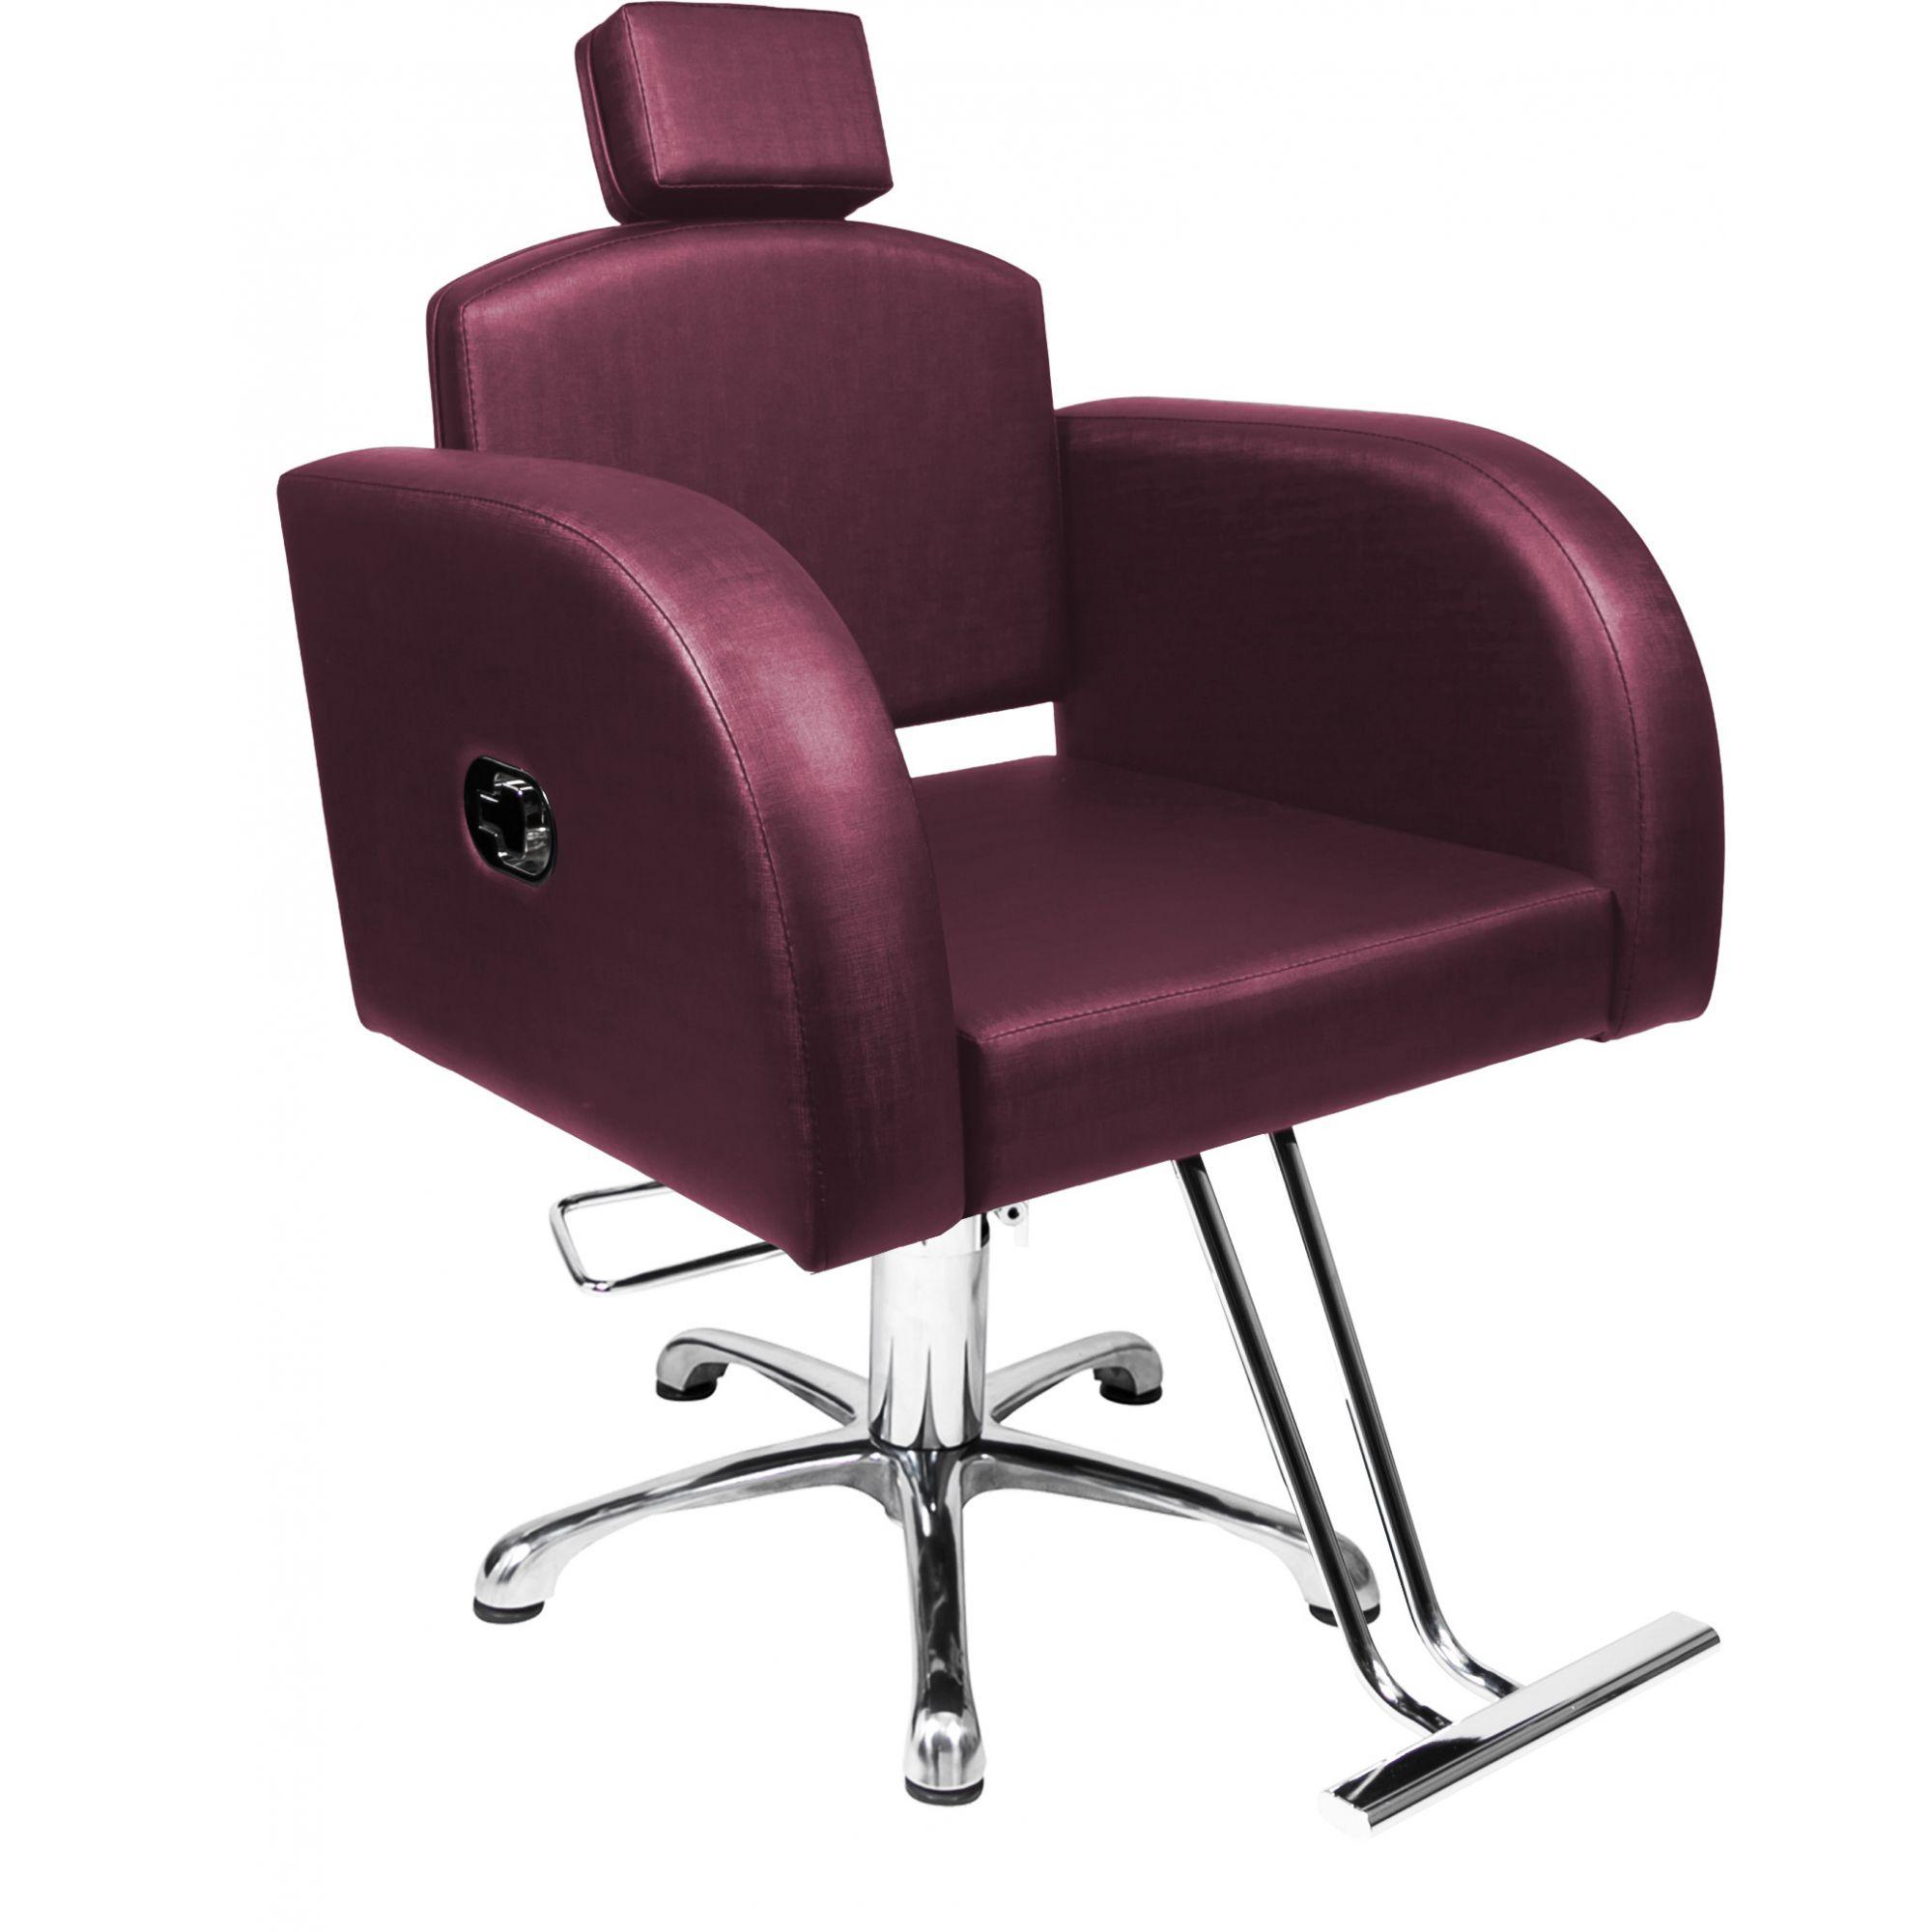 Poltrona Cadeira Hidráulica Destak Reclinável Para Salão Vinho Factor